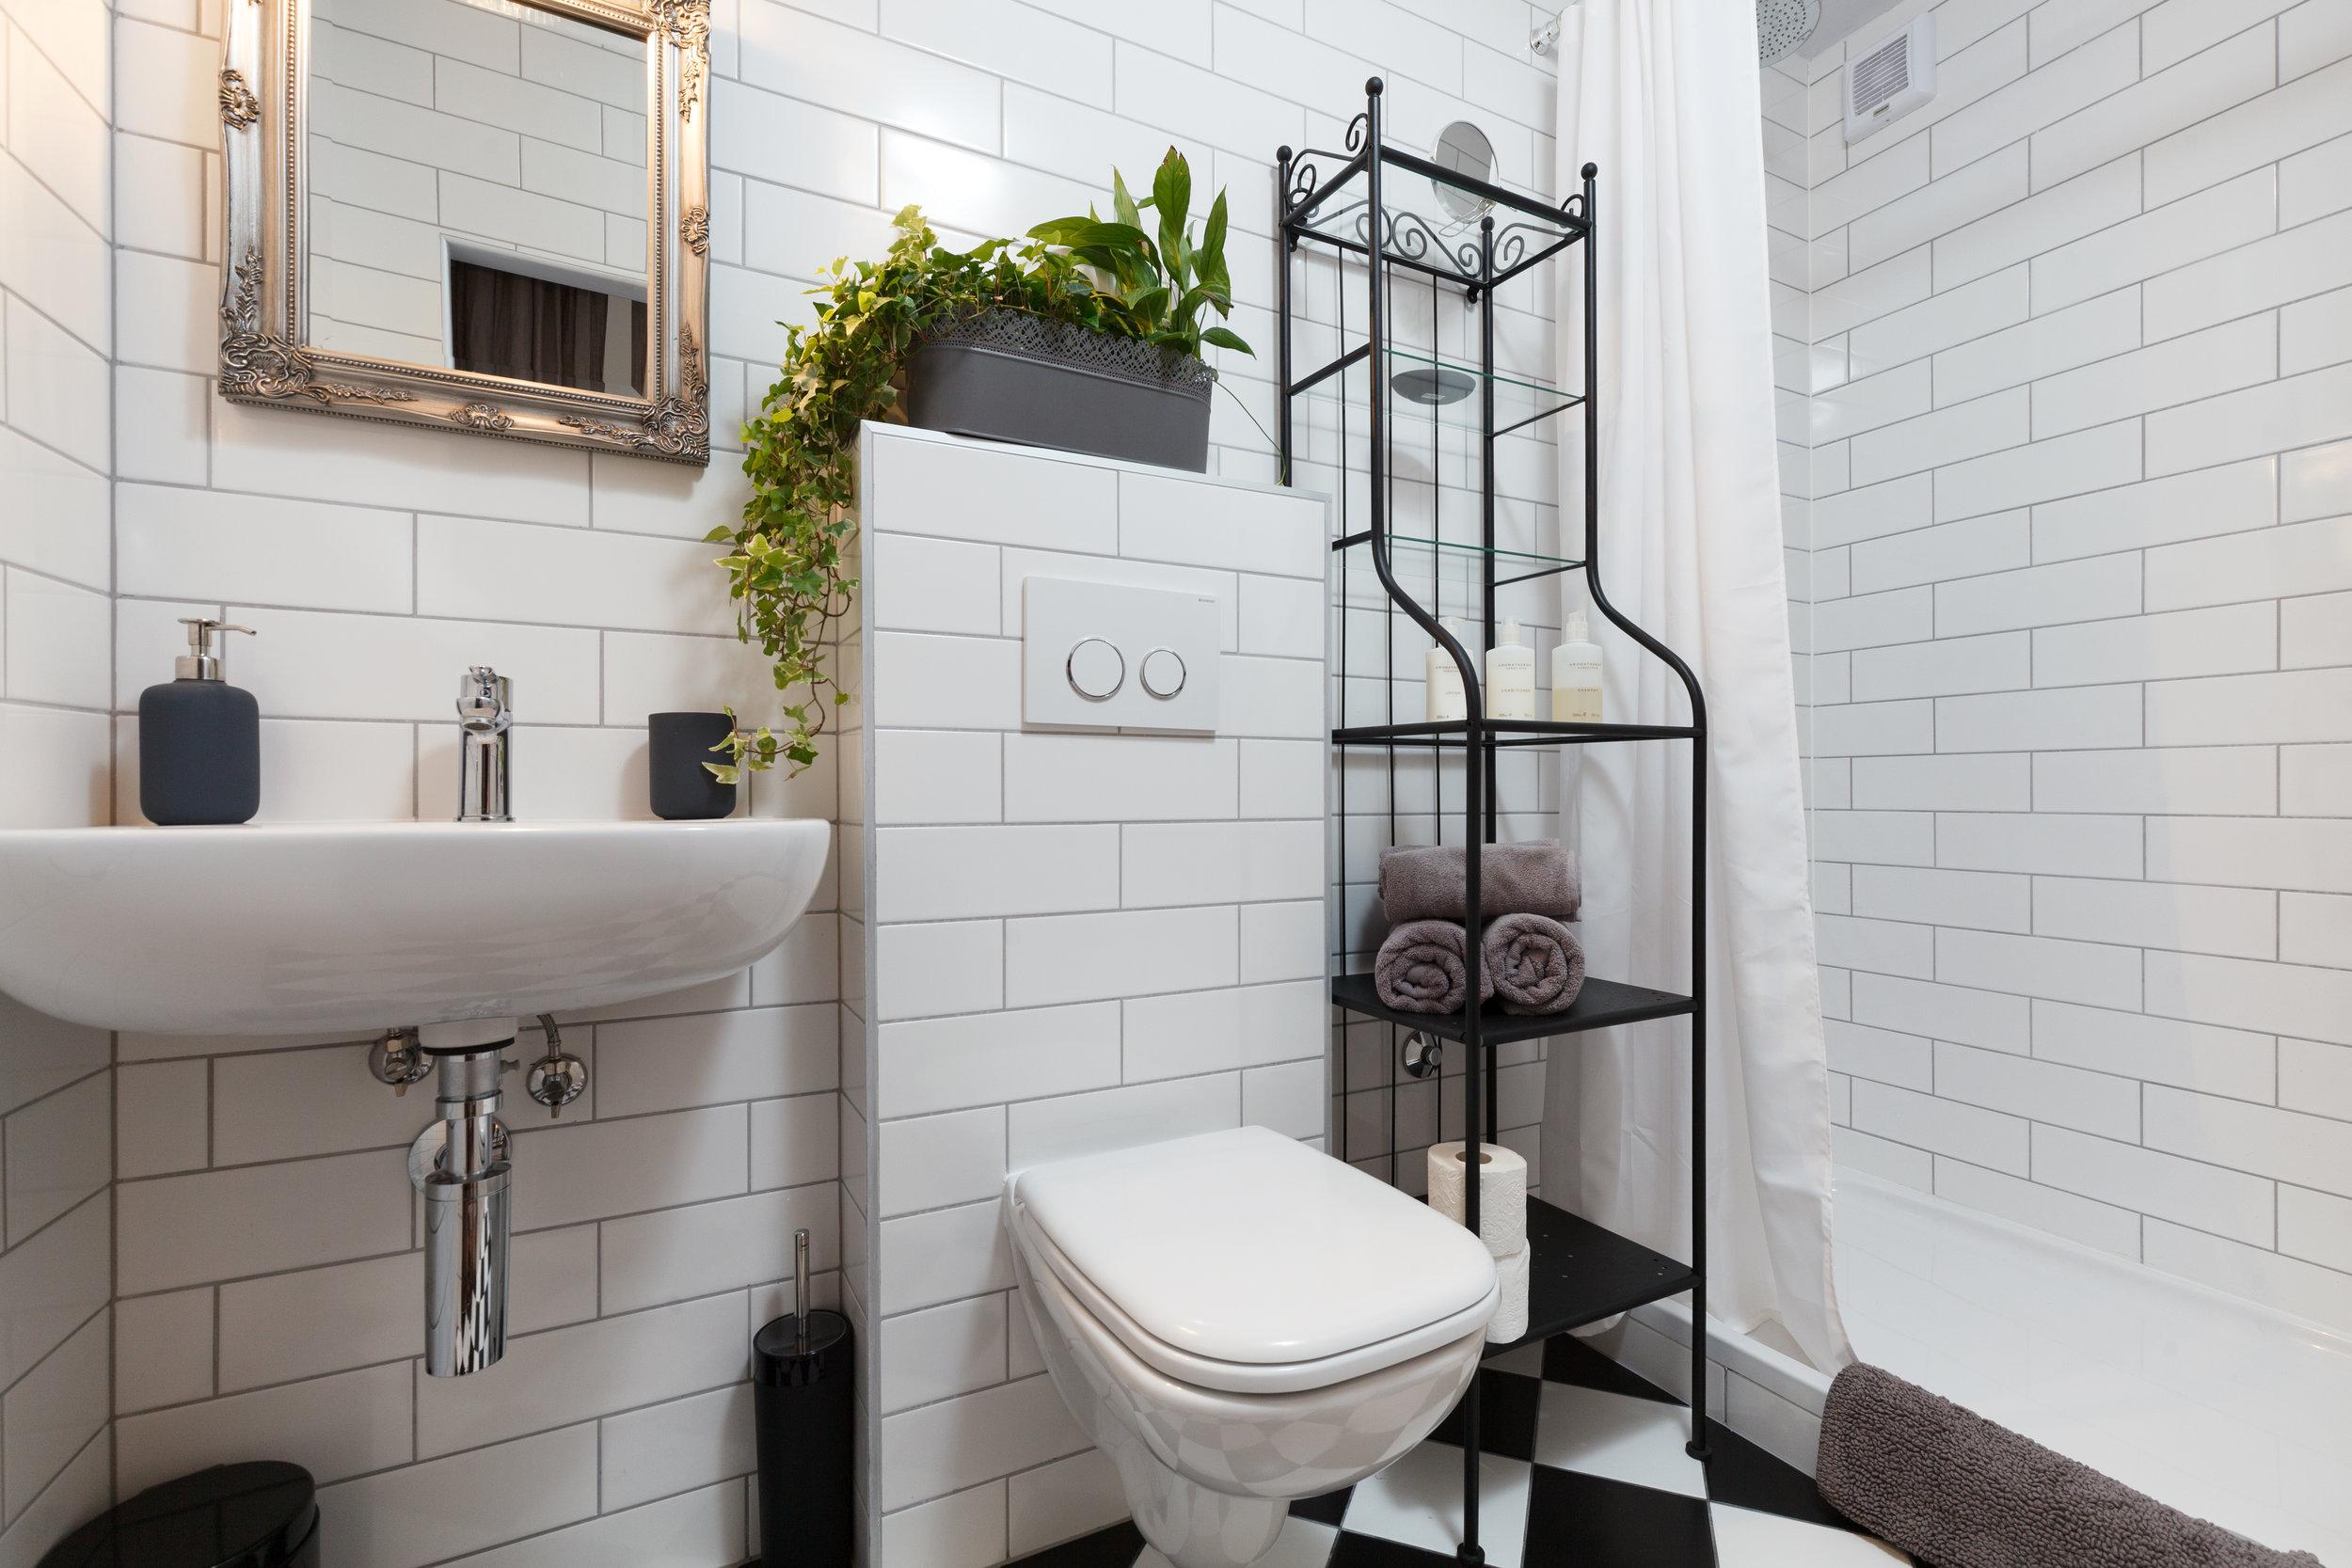 Adria bathroom from door *.jpg